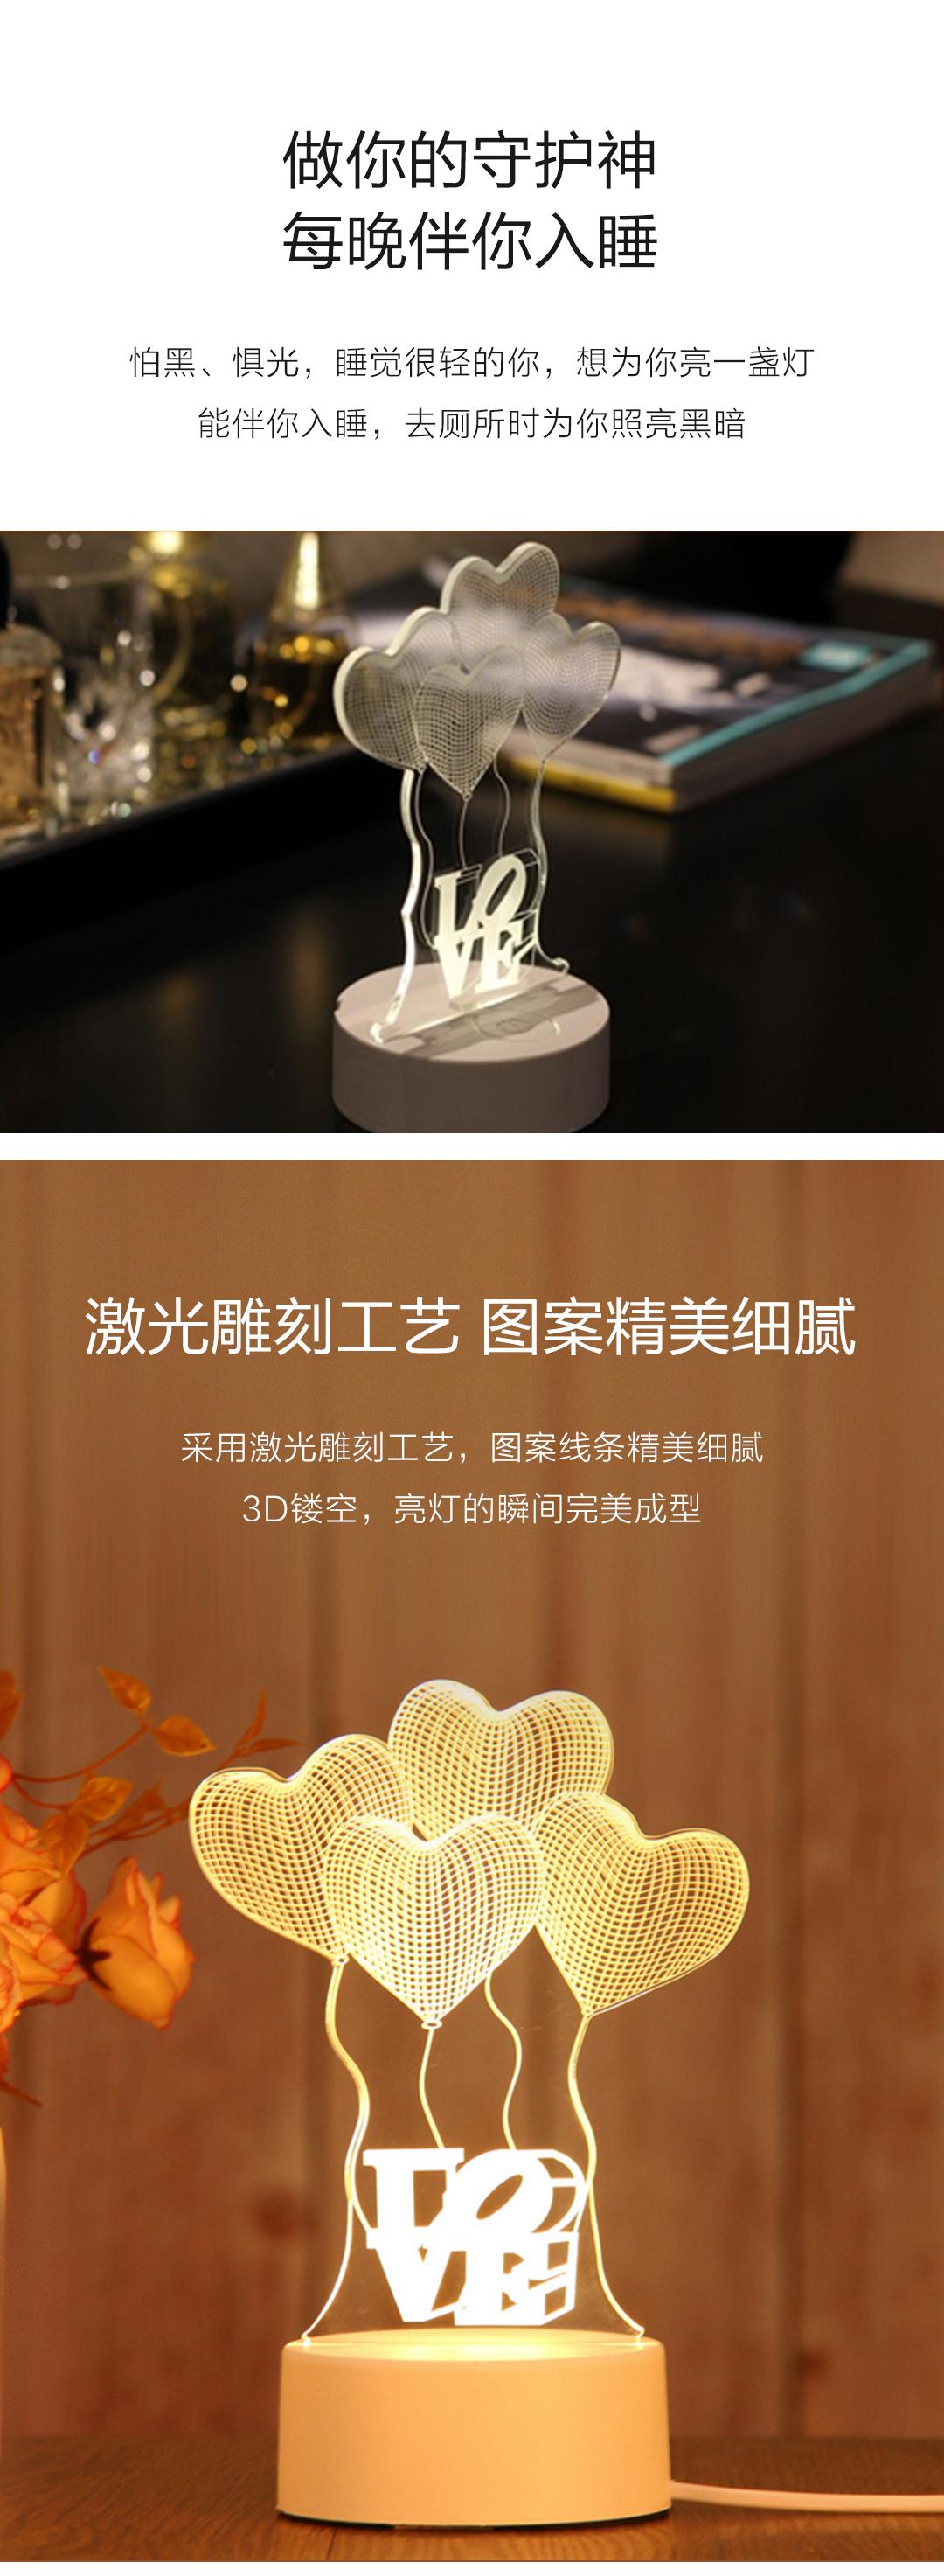 3D立体小夜灯爱心小熊/告白气球